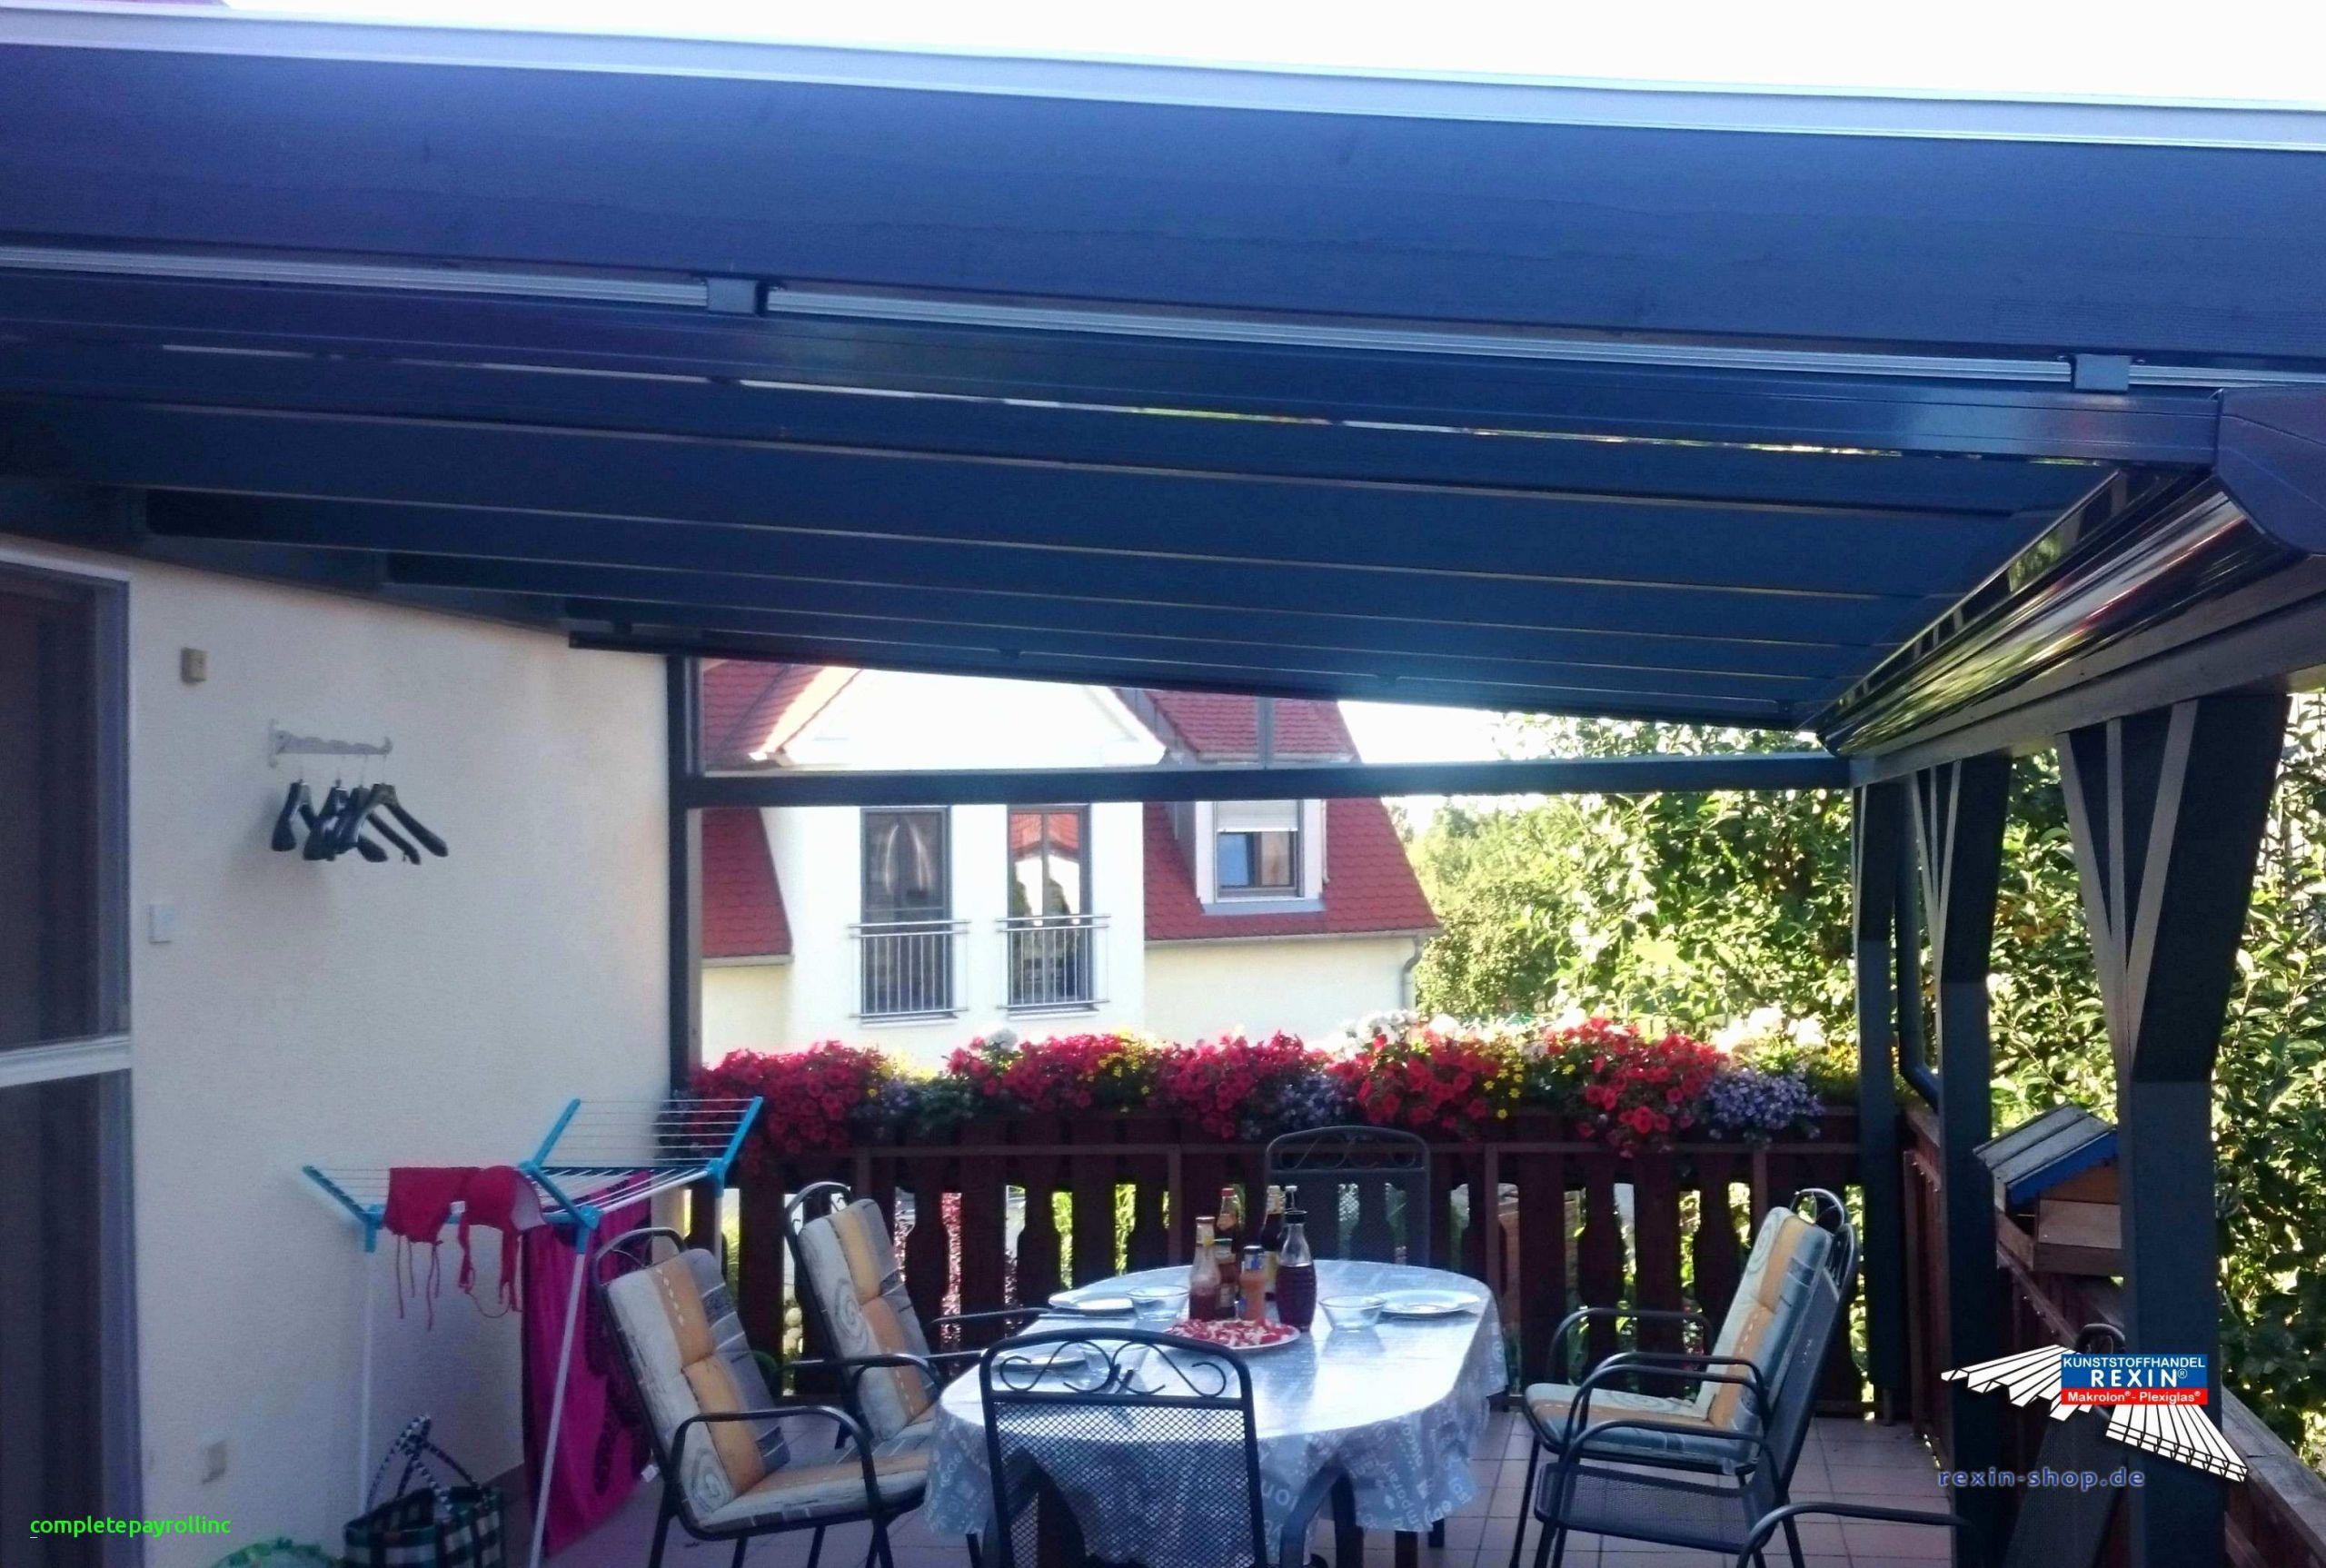 deko selber machen holz neu holz deko selber machen balkon deko best ideen von wanddeko wohnzimmer selber machen of wanddeko wohnzimmer selber machen